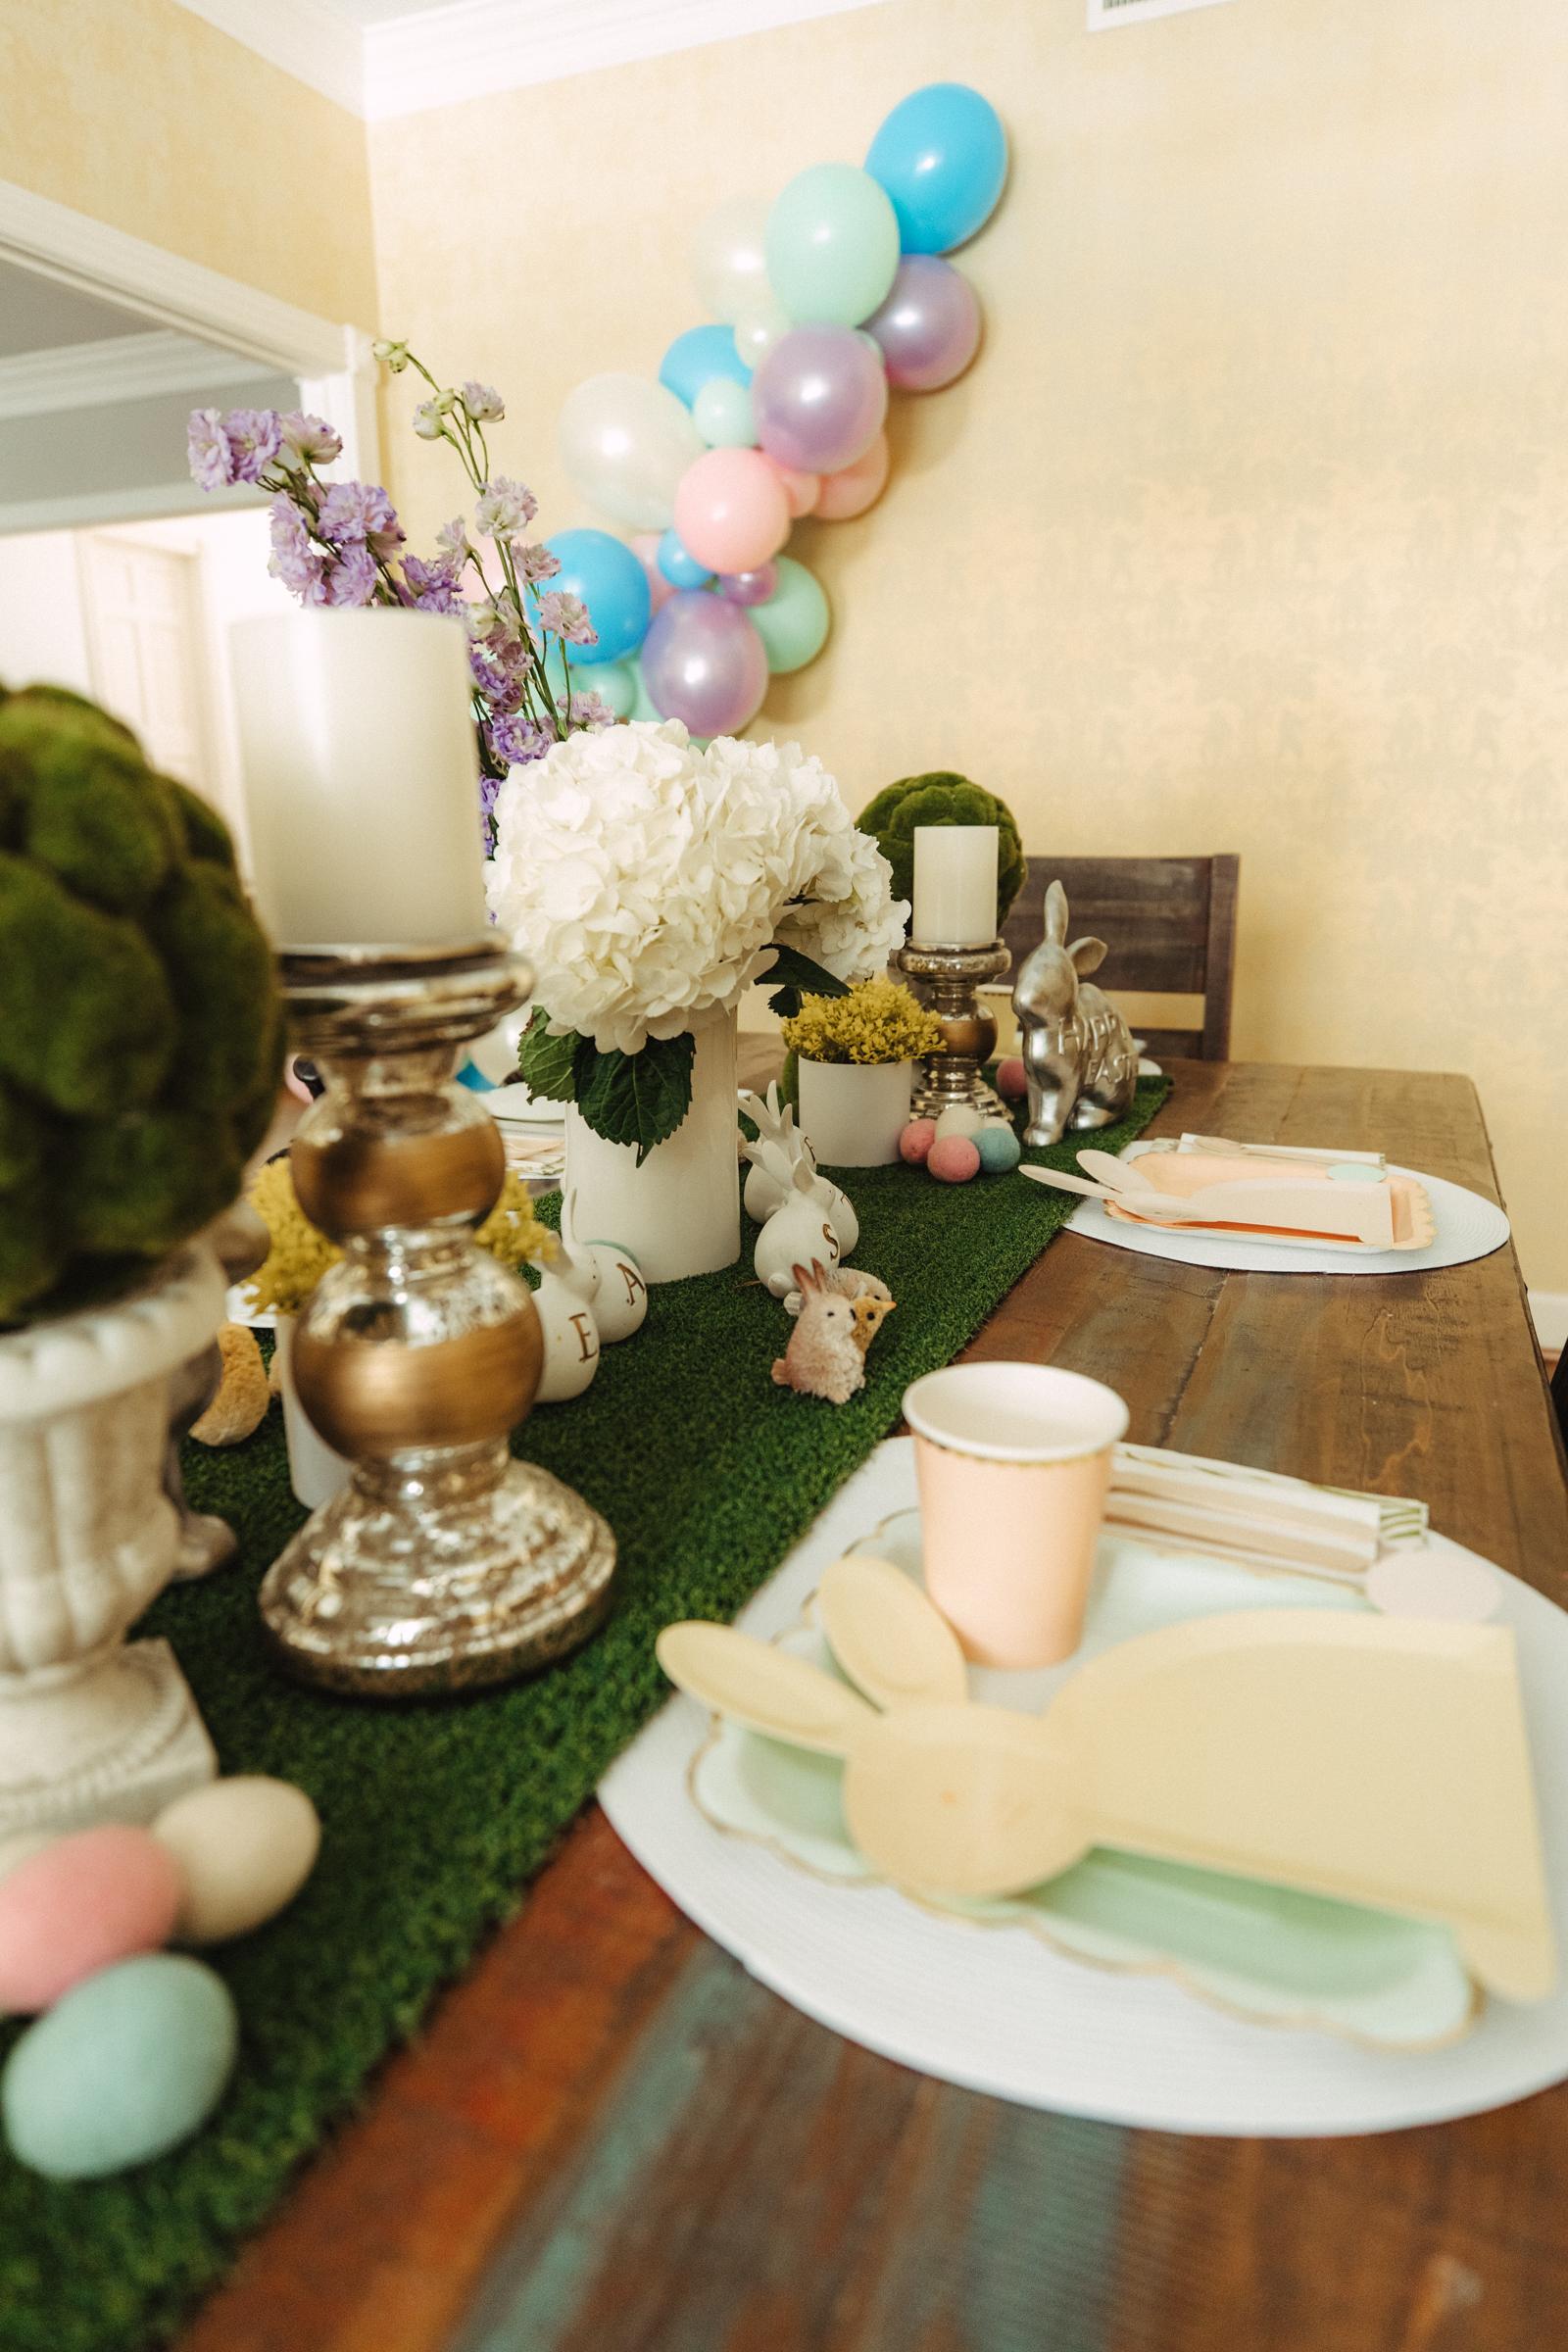 Easter table settings for kids